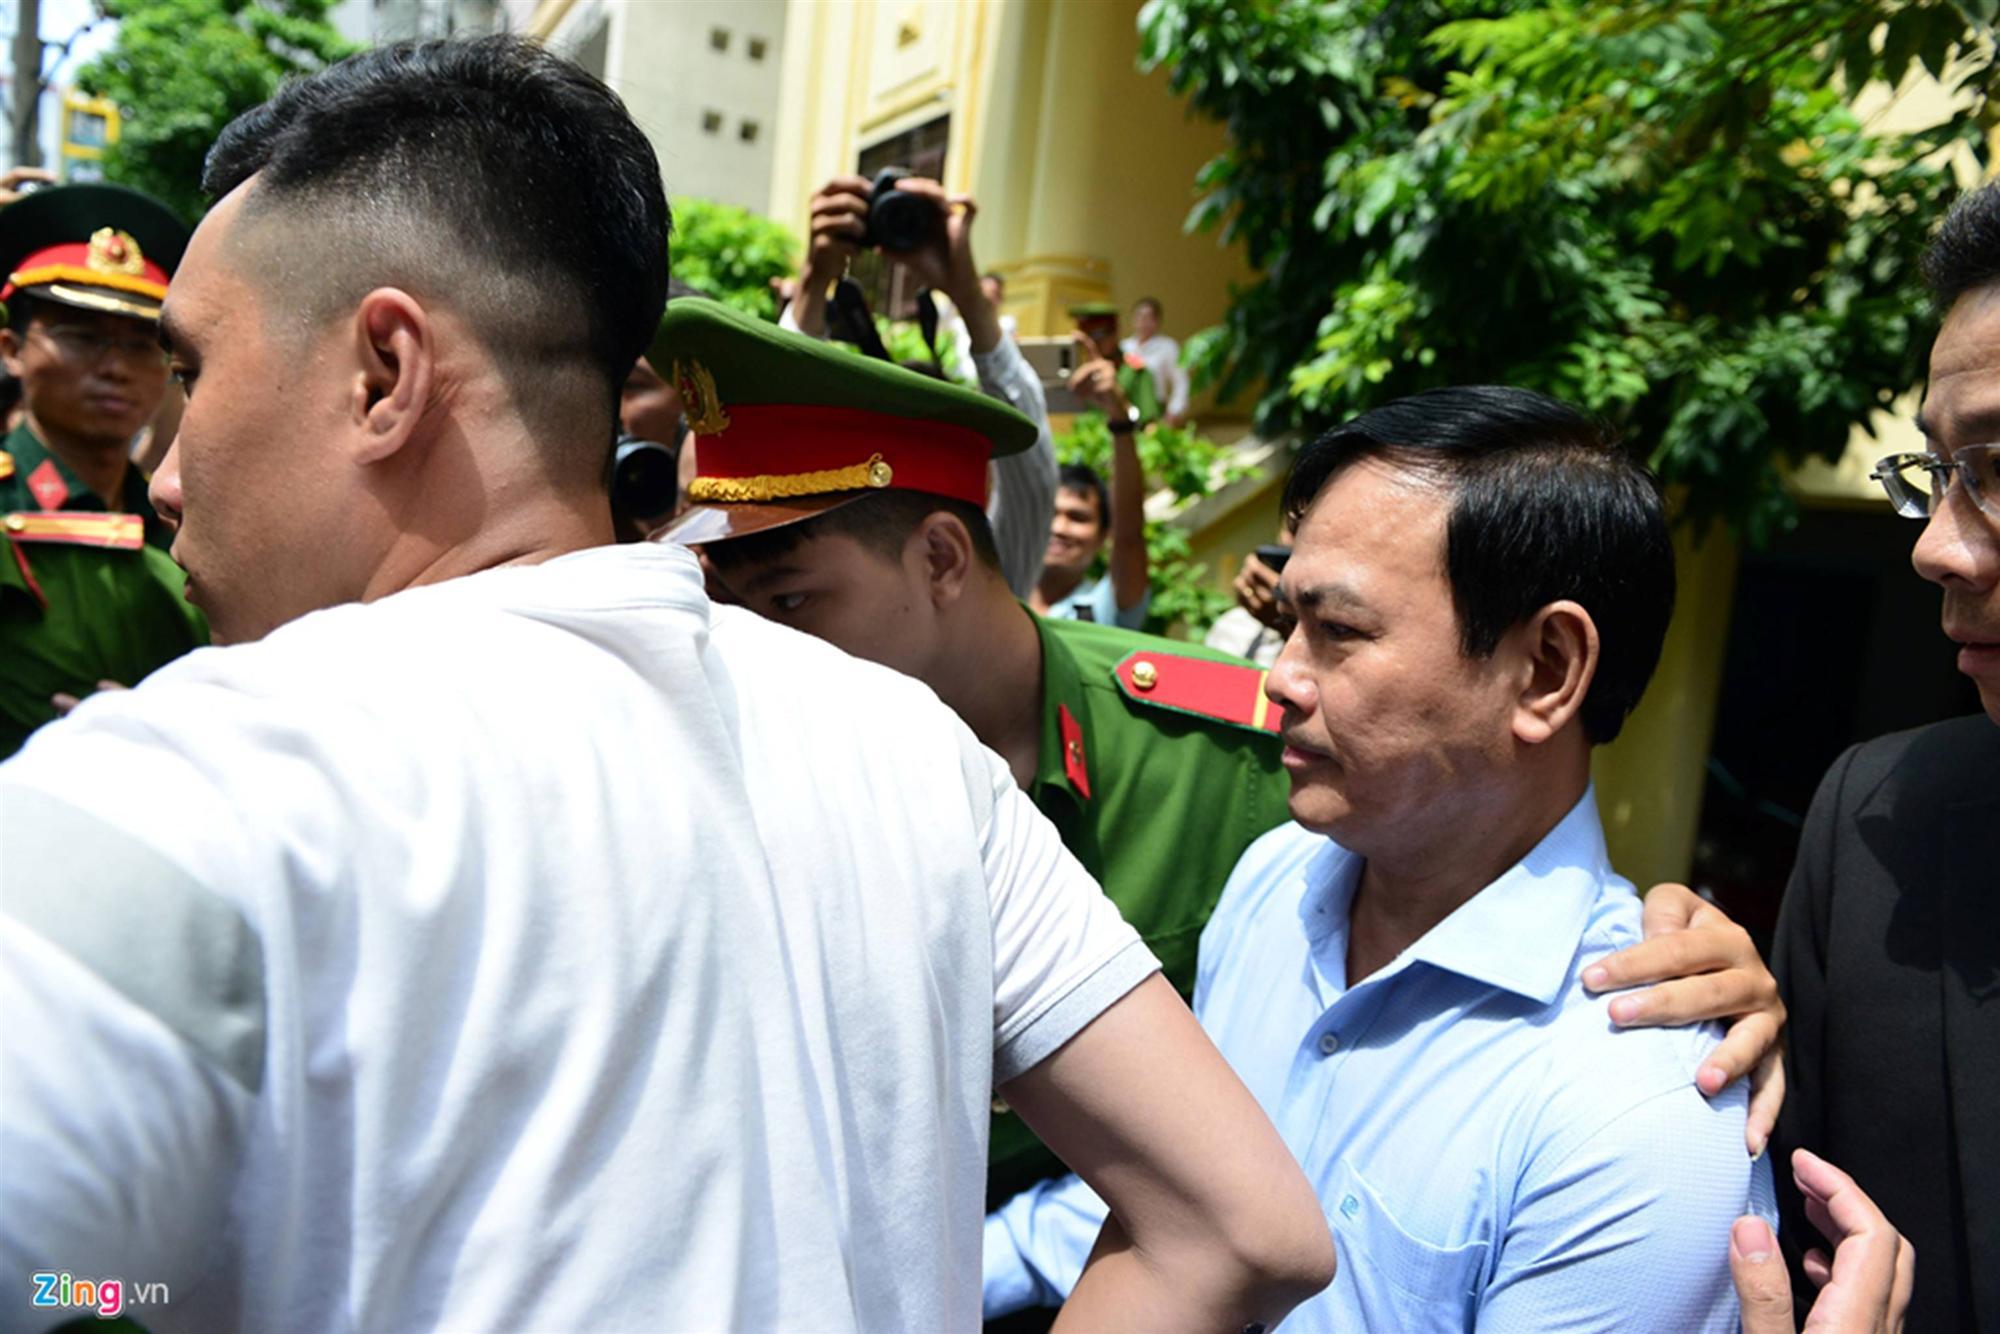 Hàng chục cảnh sát hộ tống Nguyễn Hữu Linh rời tòa-3